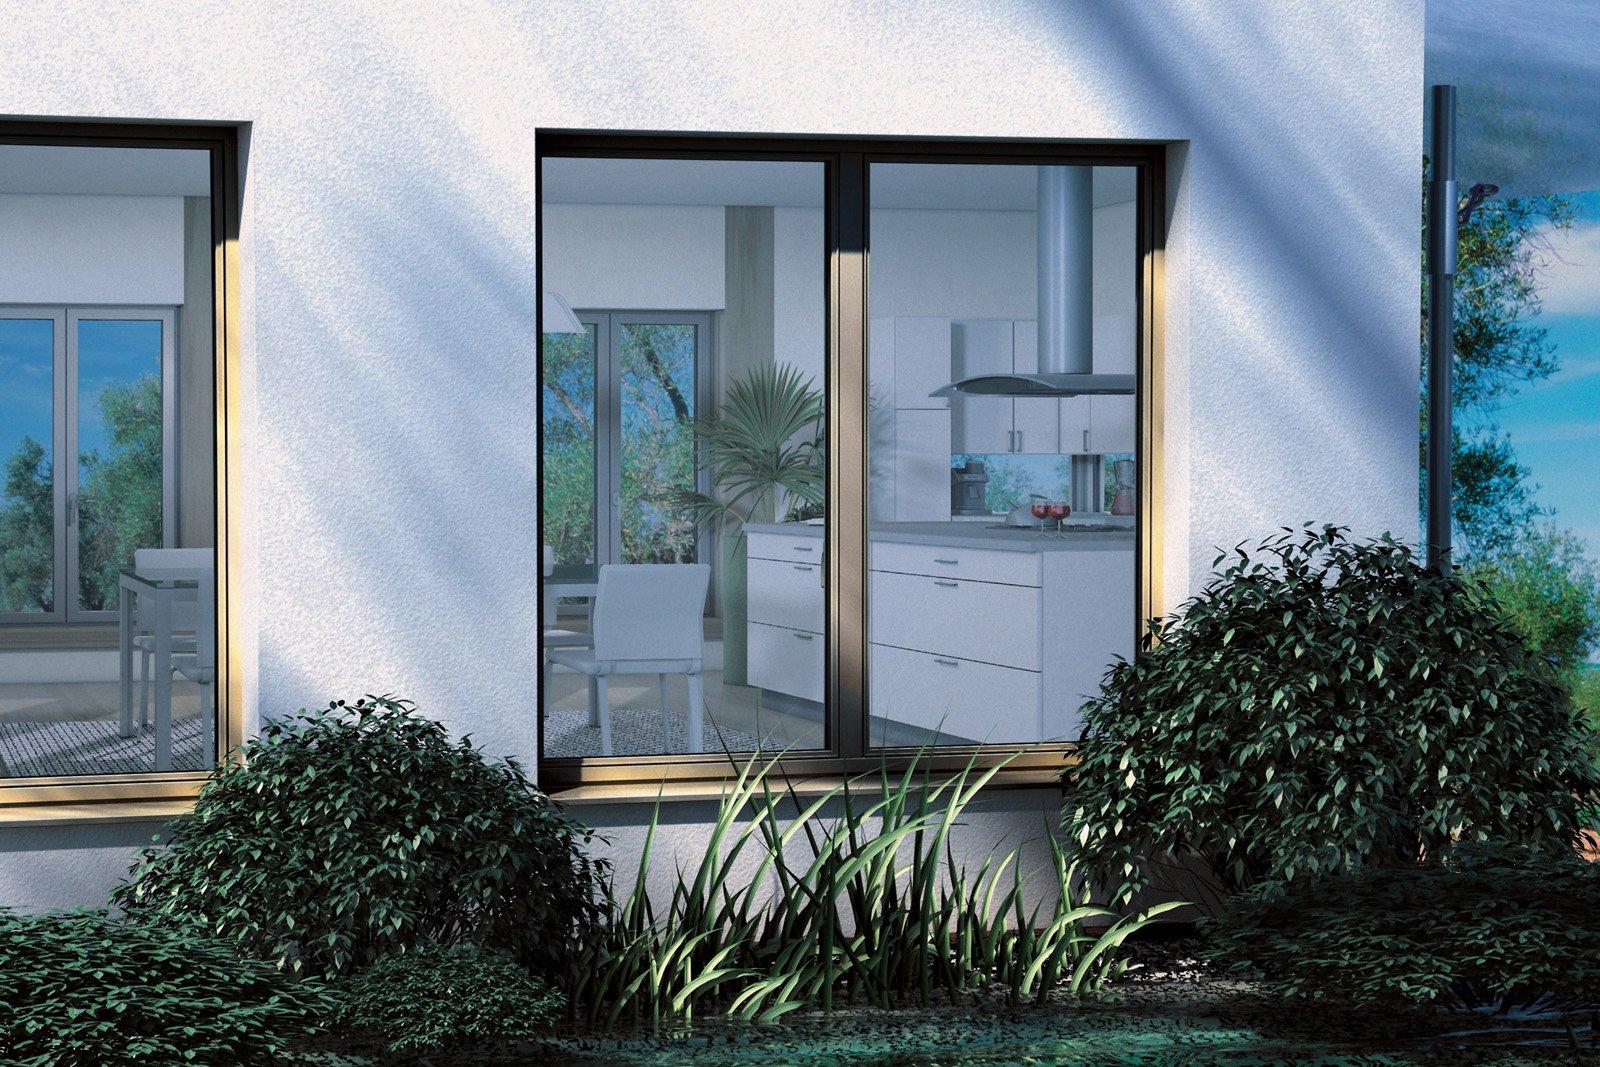 Ingrandire una finestra cose di casa - Cucina balcone condominio ...